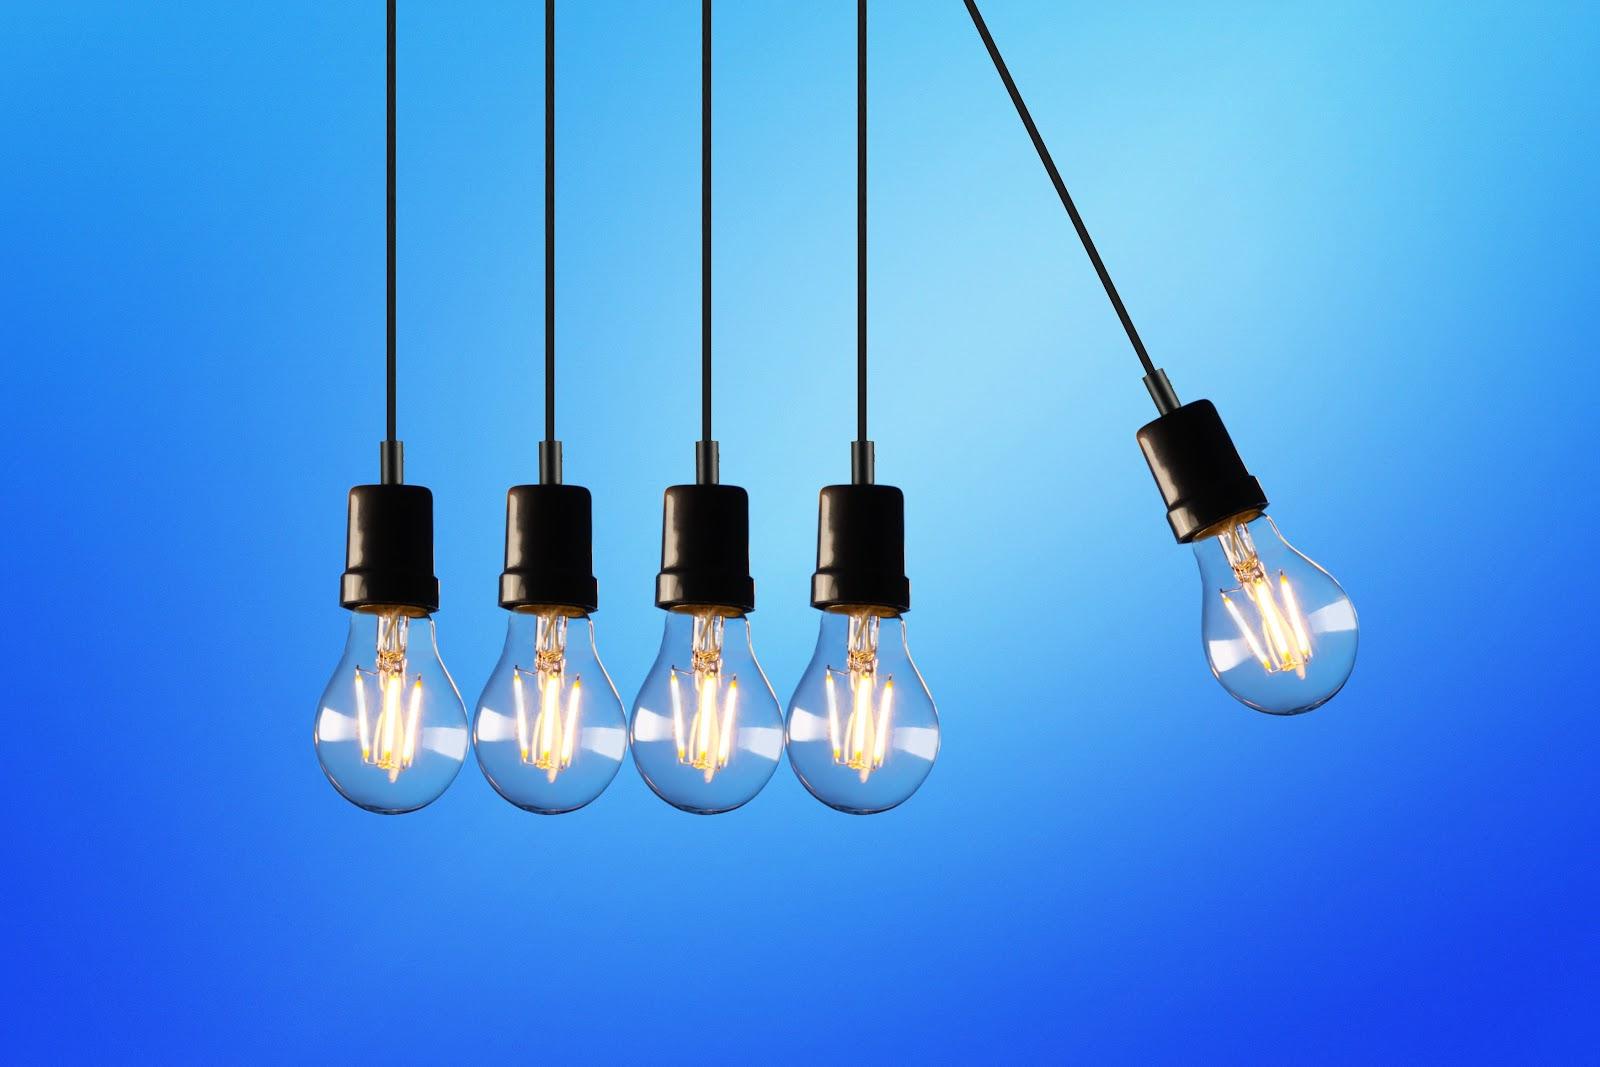 le diagnostic de performance énergétique